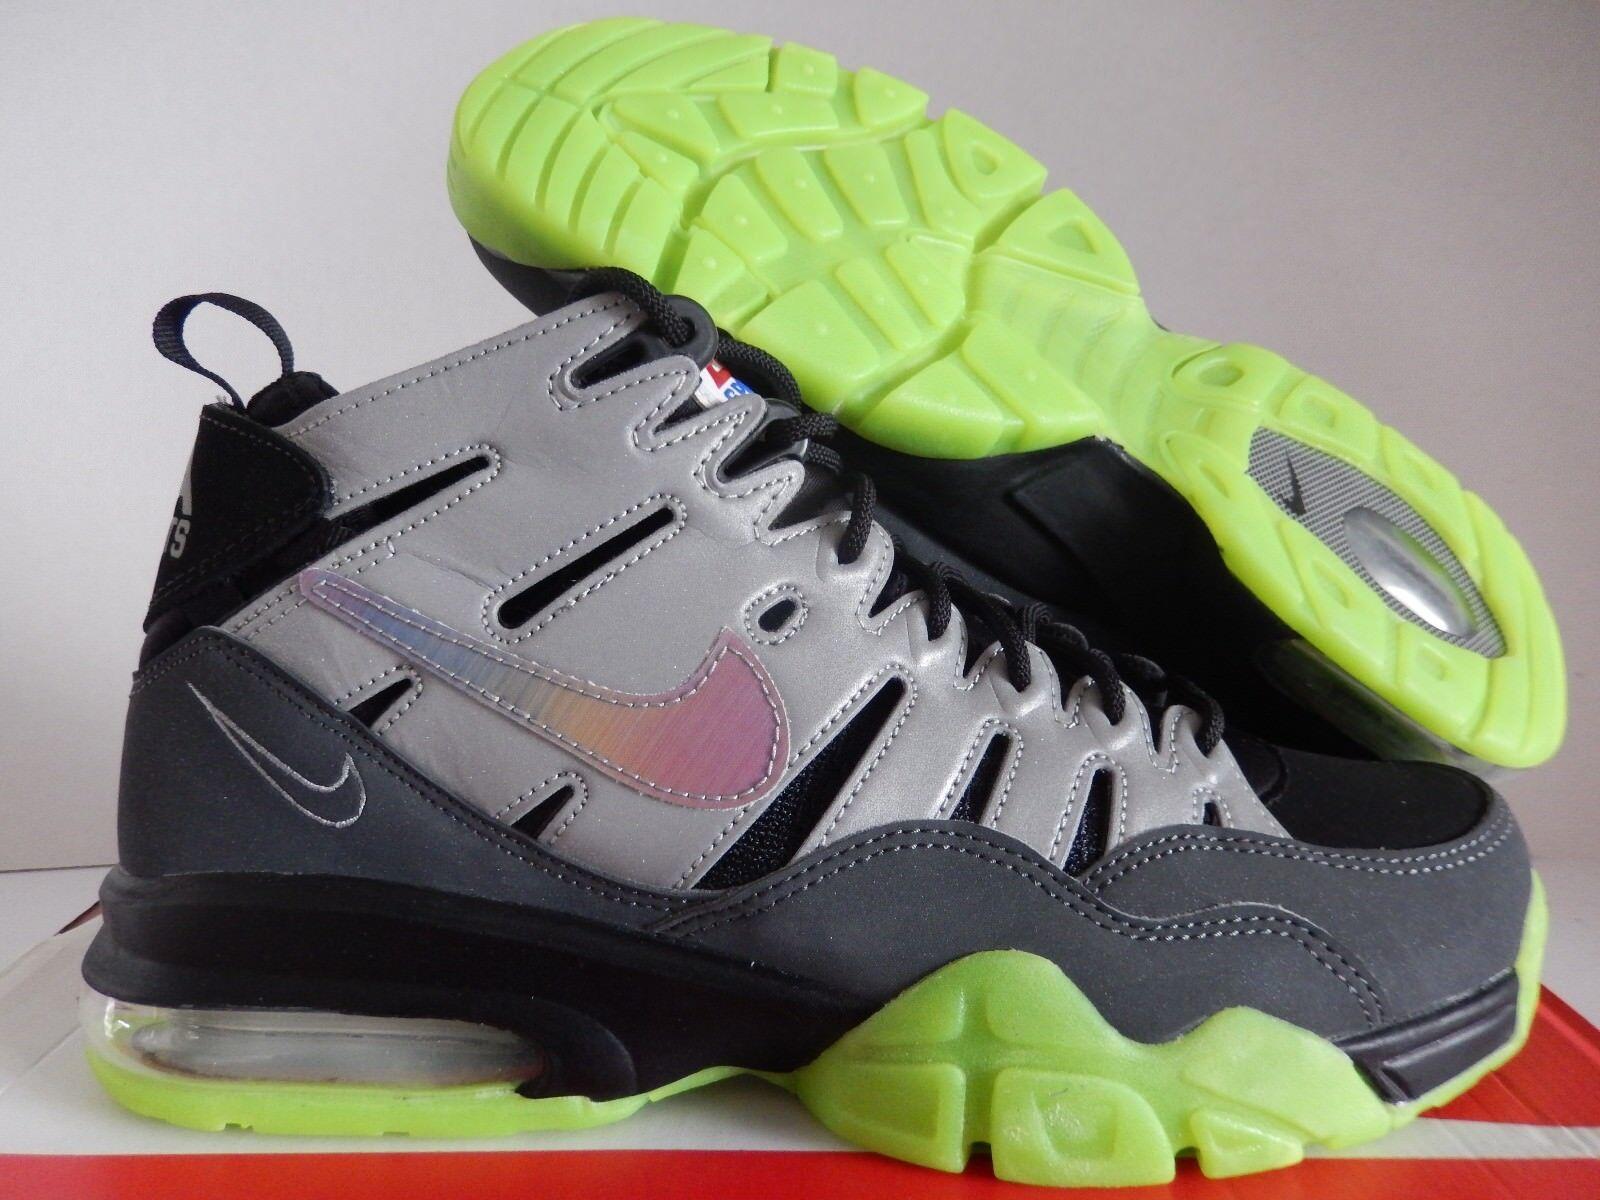 Nike Air Trainer Max '94 PMR Premium QS EA reduccion Sports Plata reduccion EA de precio especial por tiempo limitado 407fef